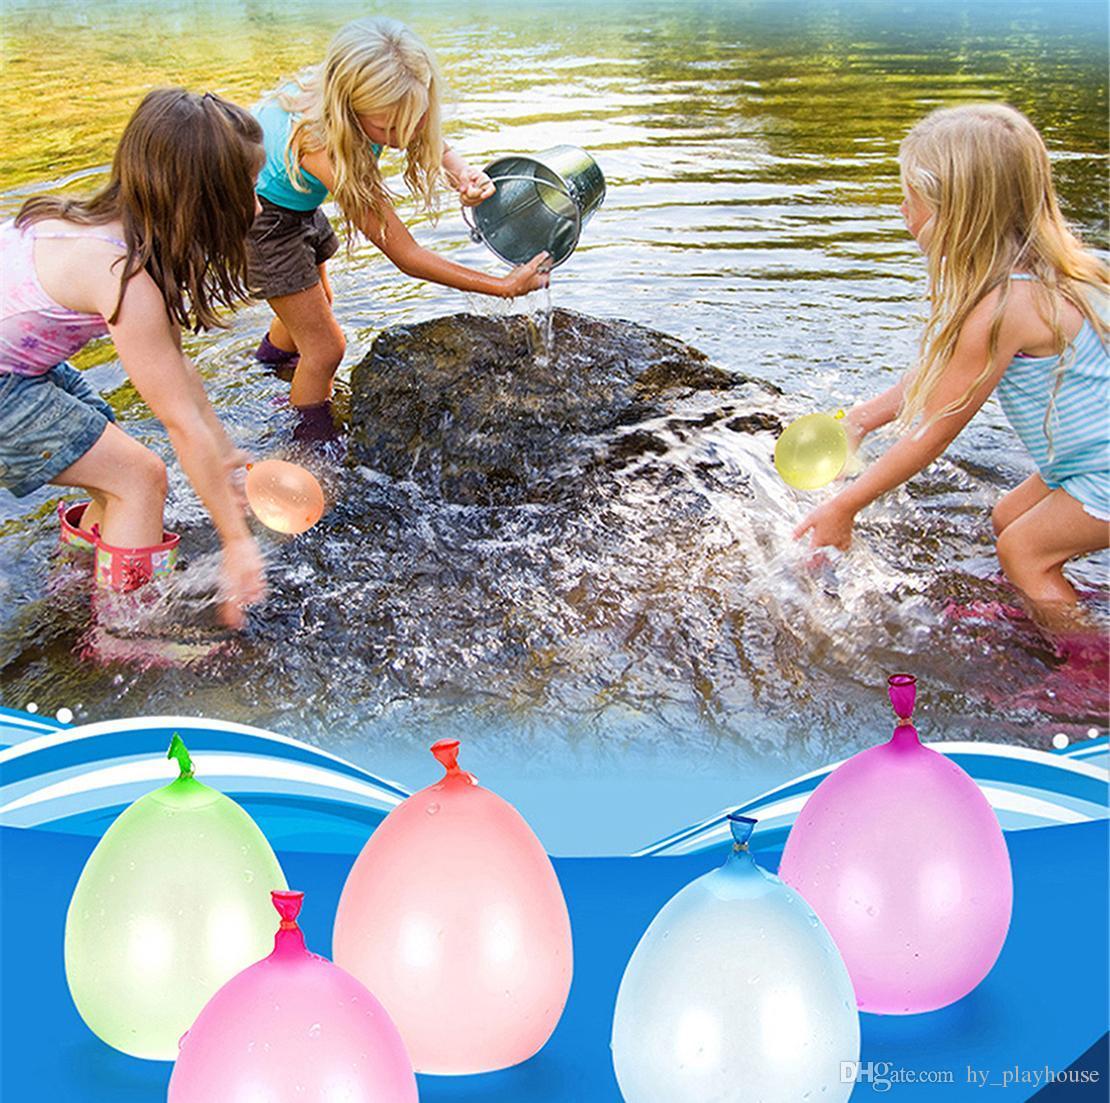 1Set = 111 stücke Sommer Magie Bunte Wasser Gefüllte Ballon Kinder Strand Party Outdoor Spielzeug Wasser Bombe Ballon Kinder Neuheit Gag Spiel Dlrnn